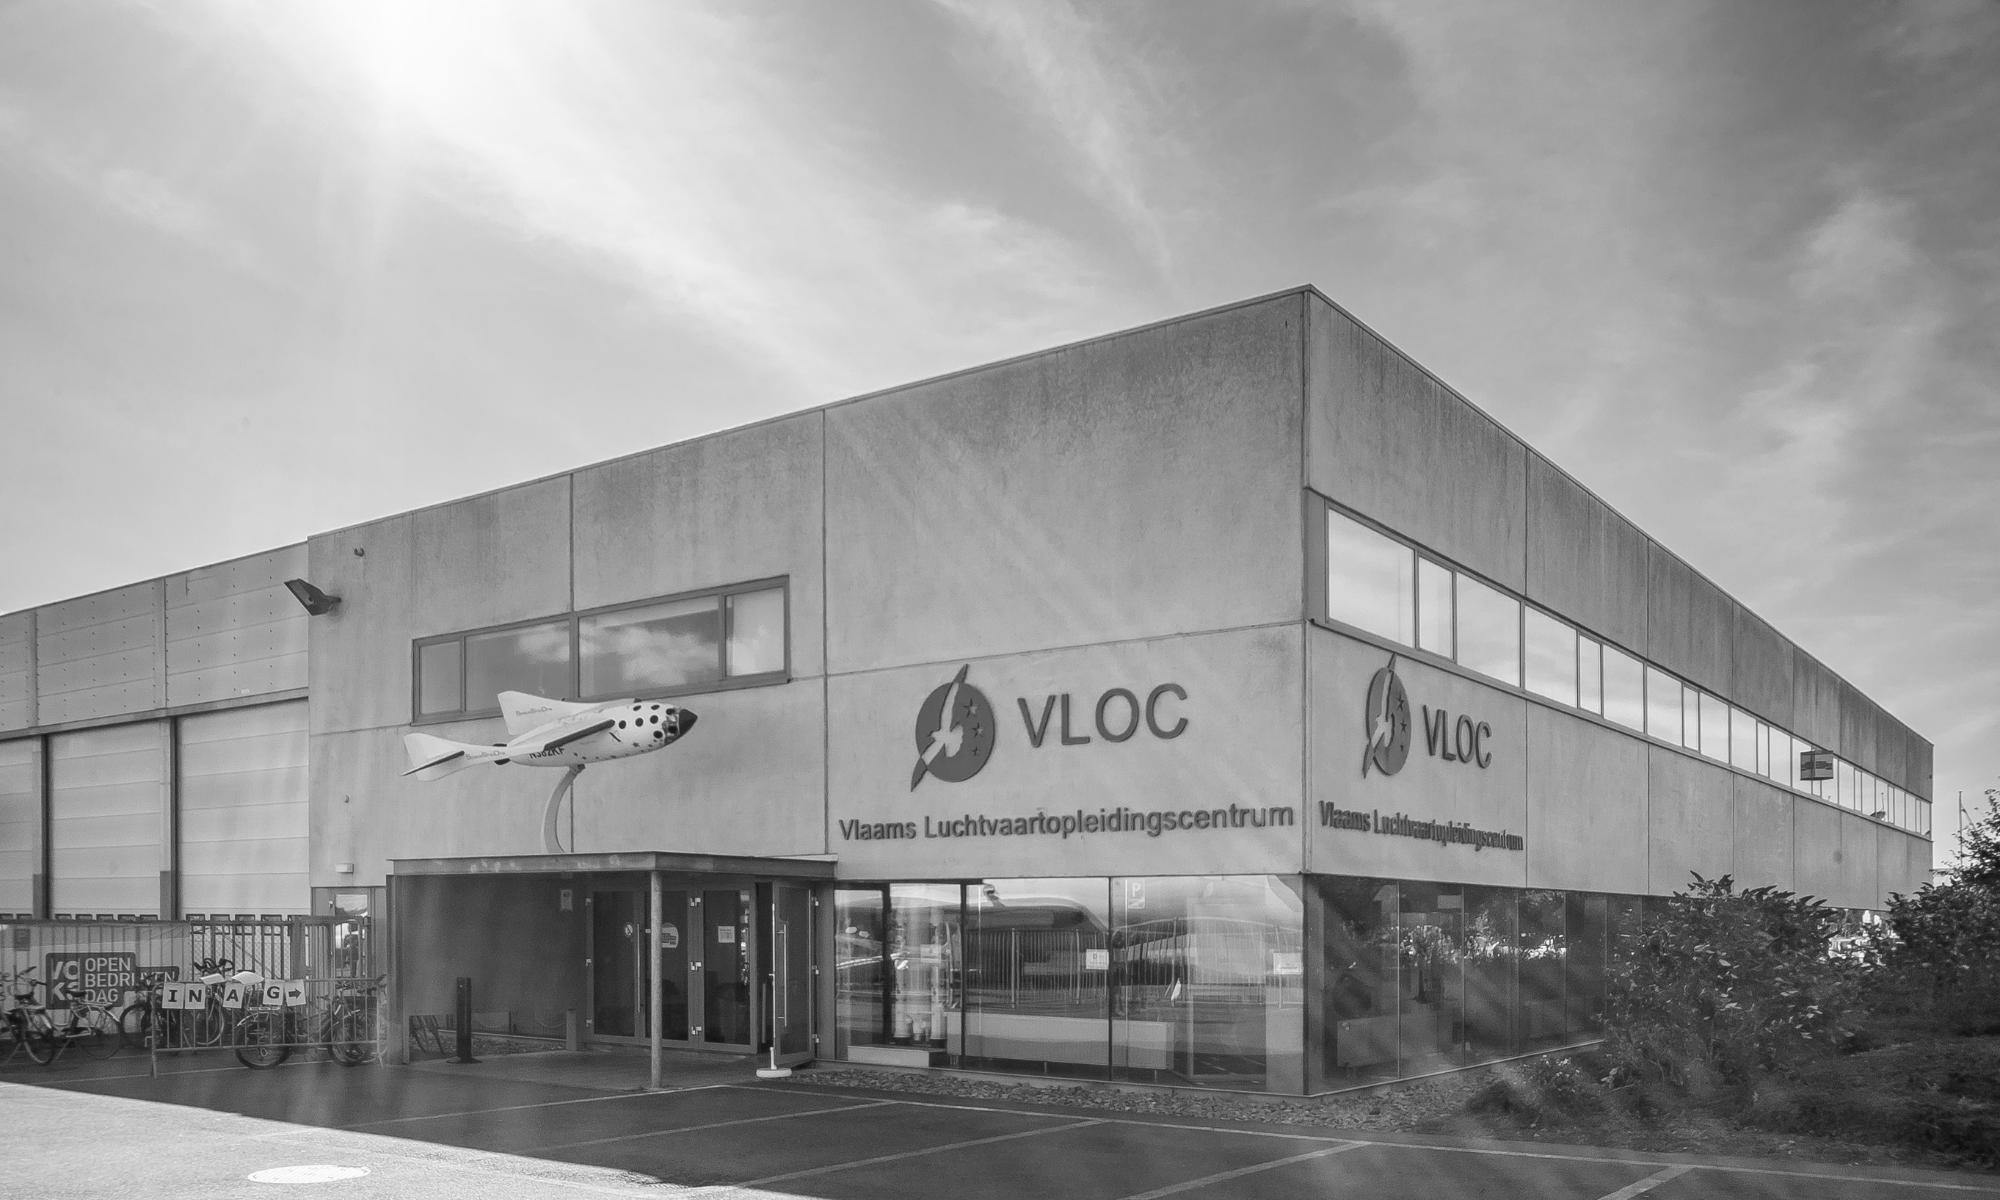 Vlaams Luchtvaartopleidingscentrum